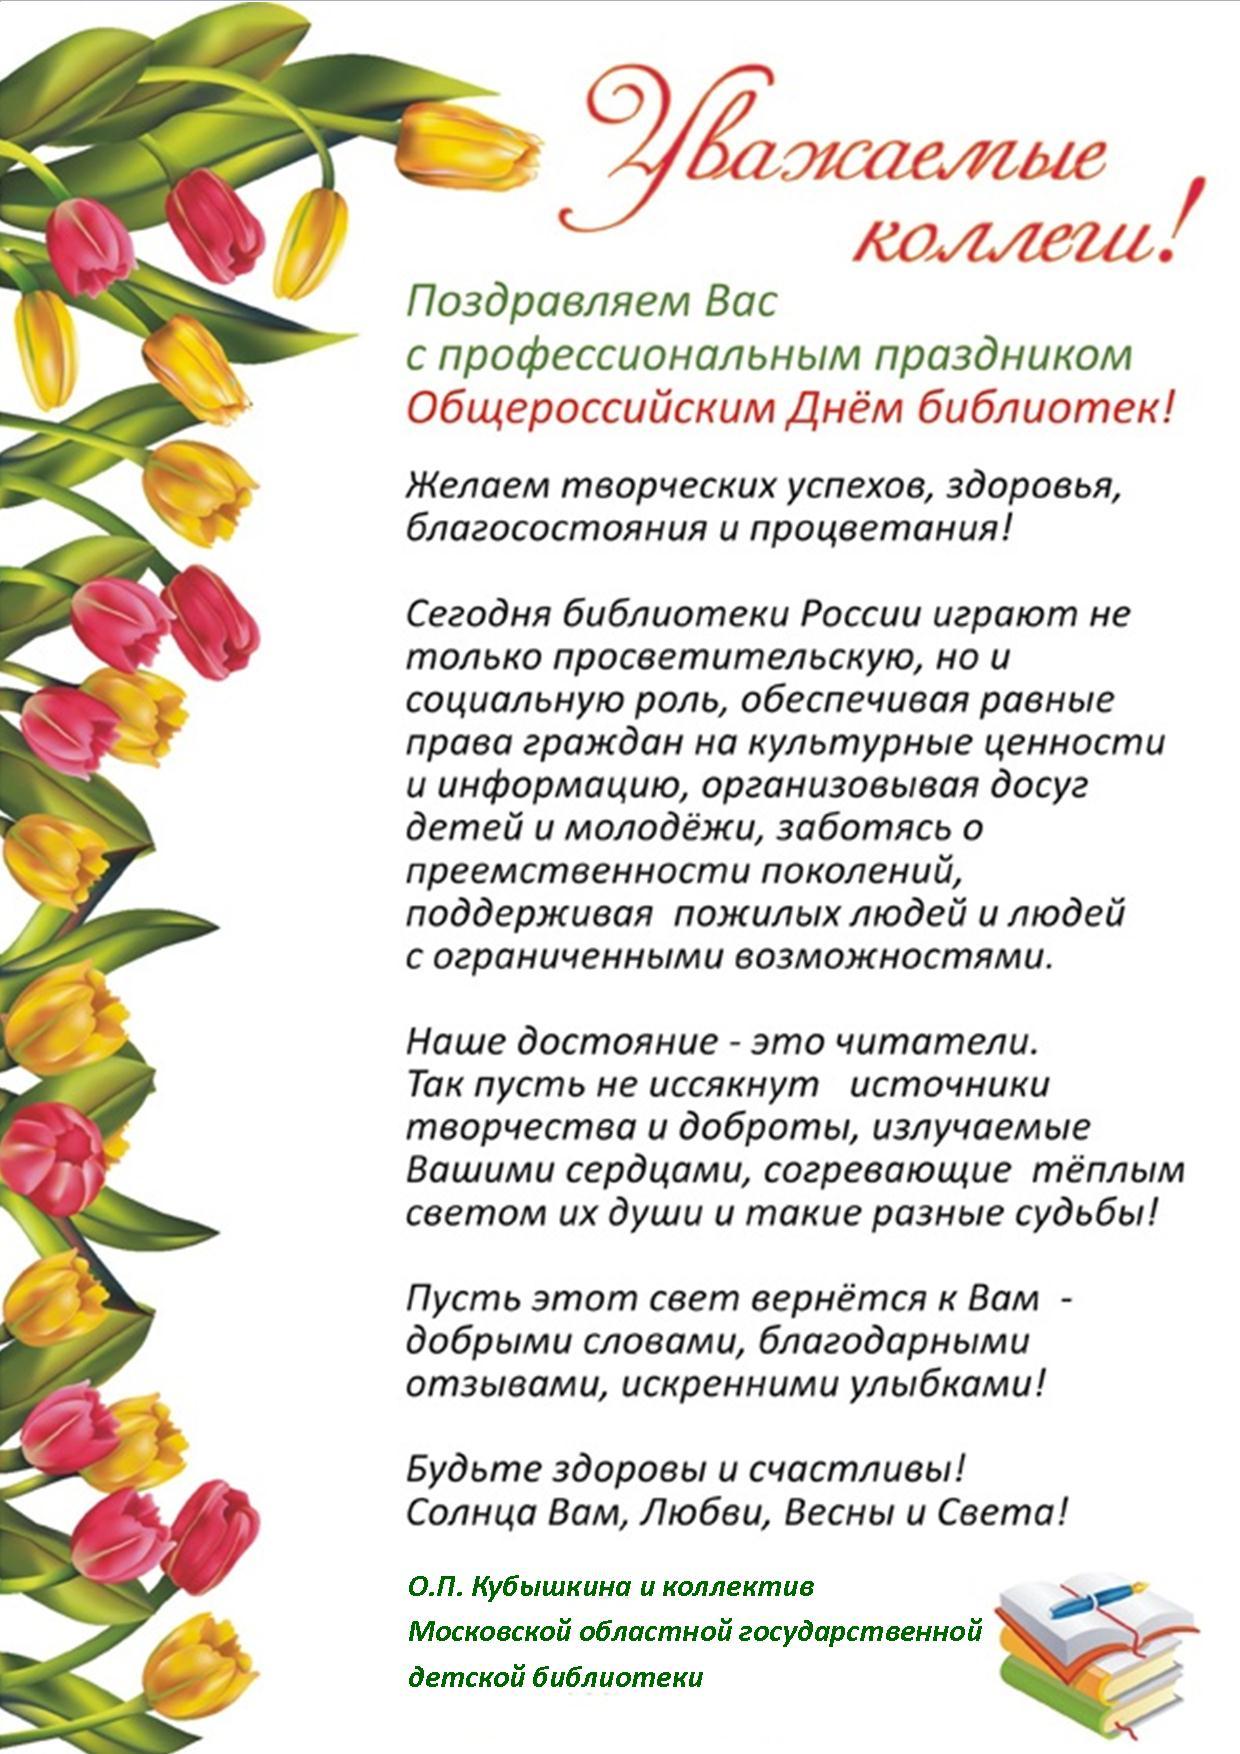 Поздравления на День российского кино 2018 в прозе - Поздравок 71